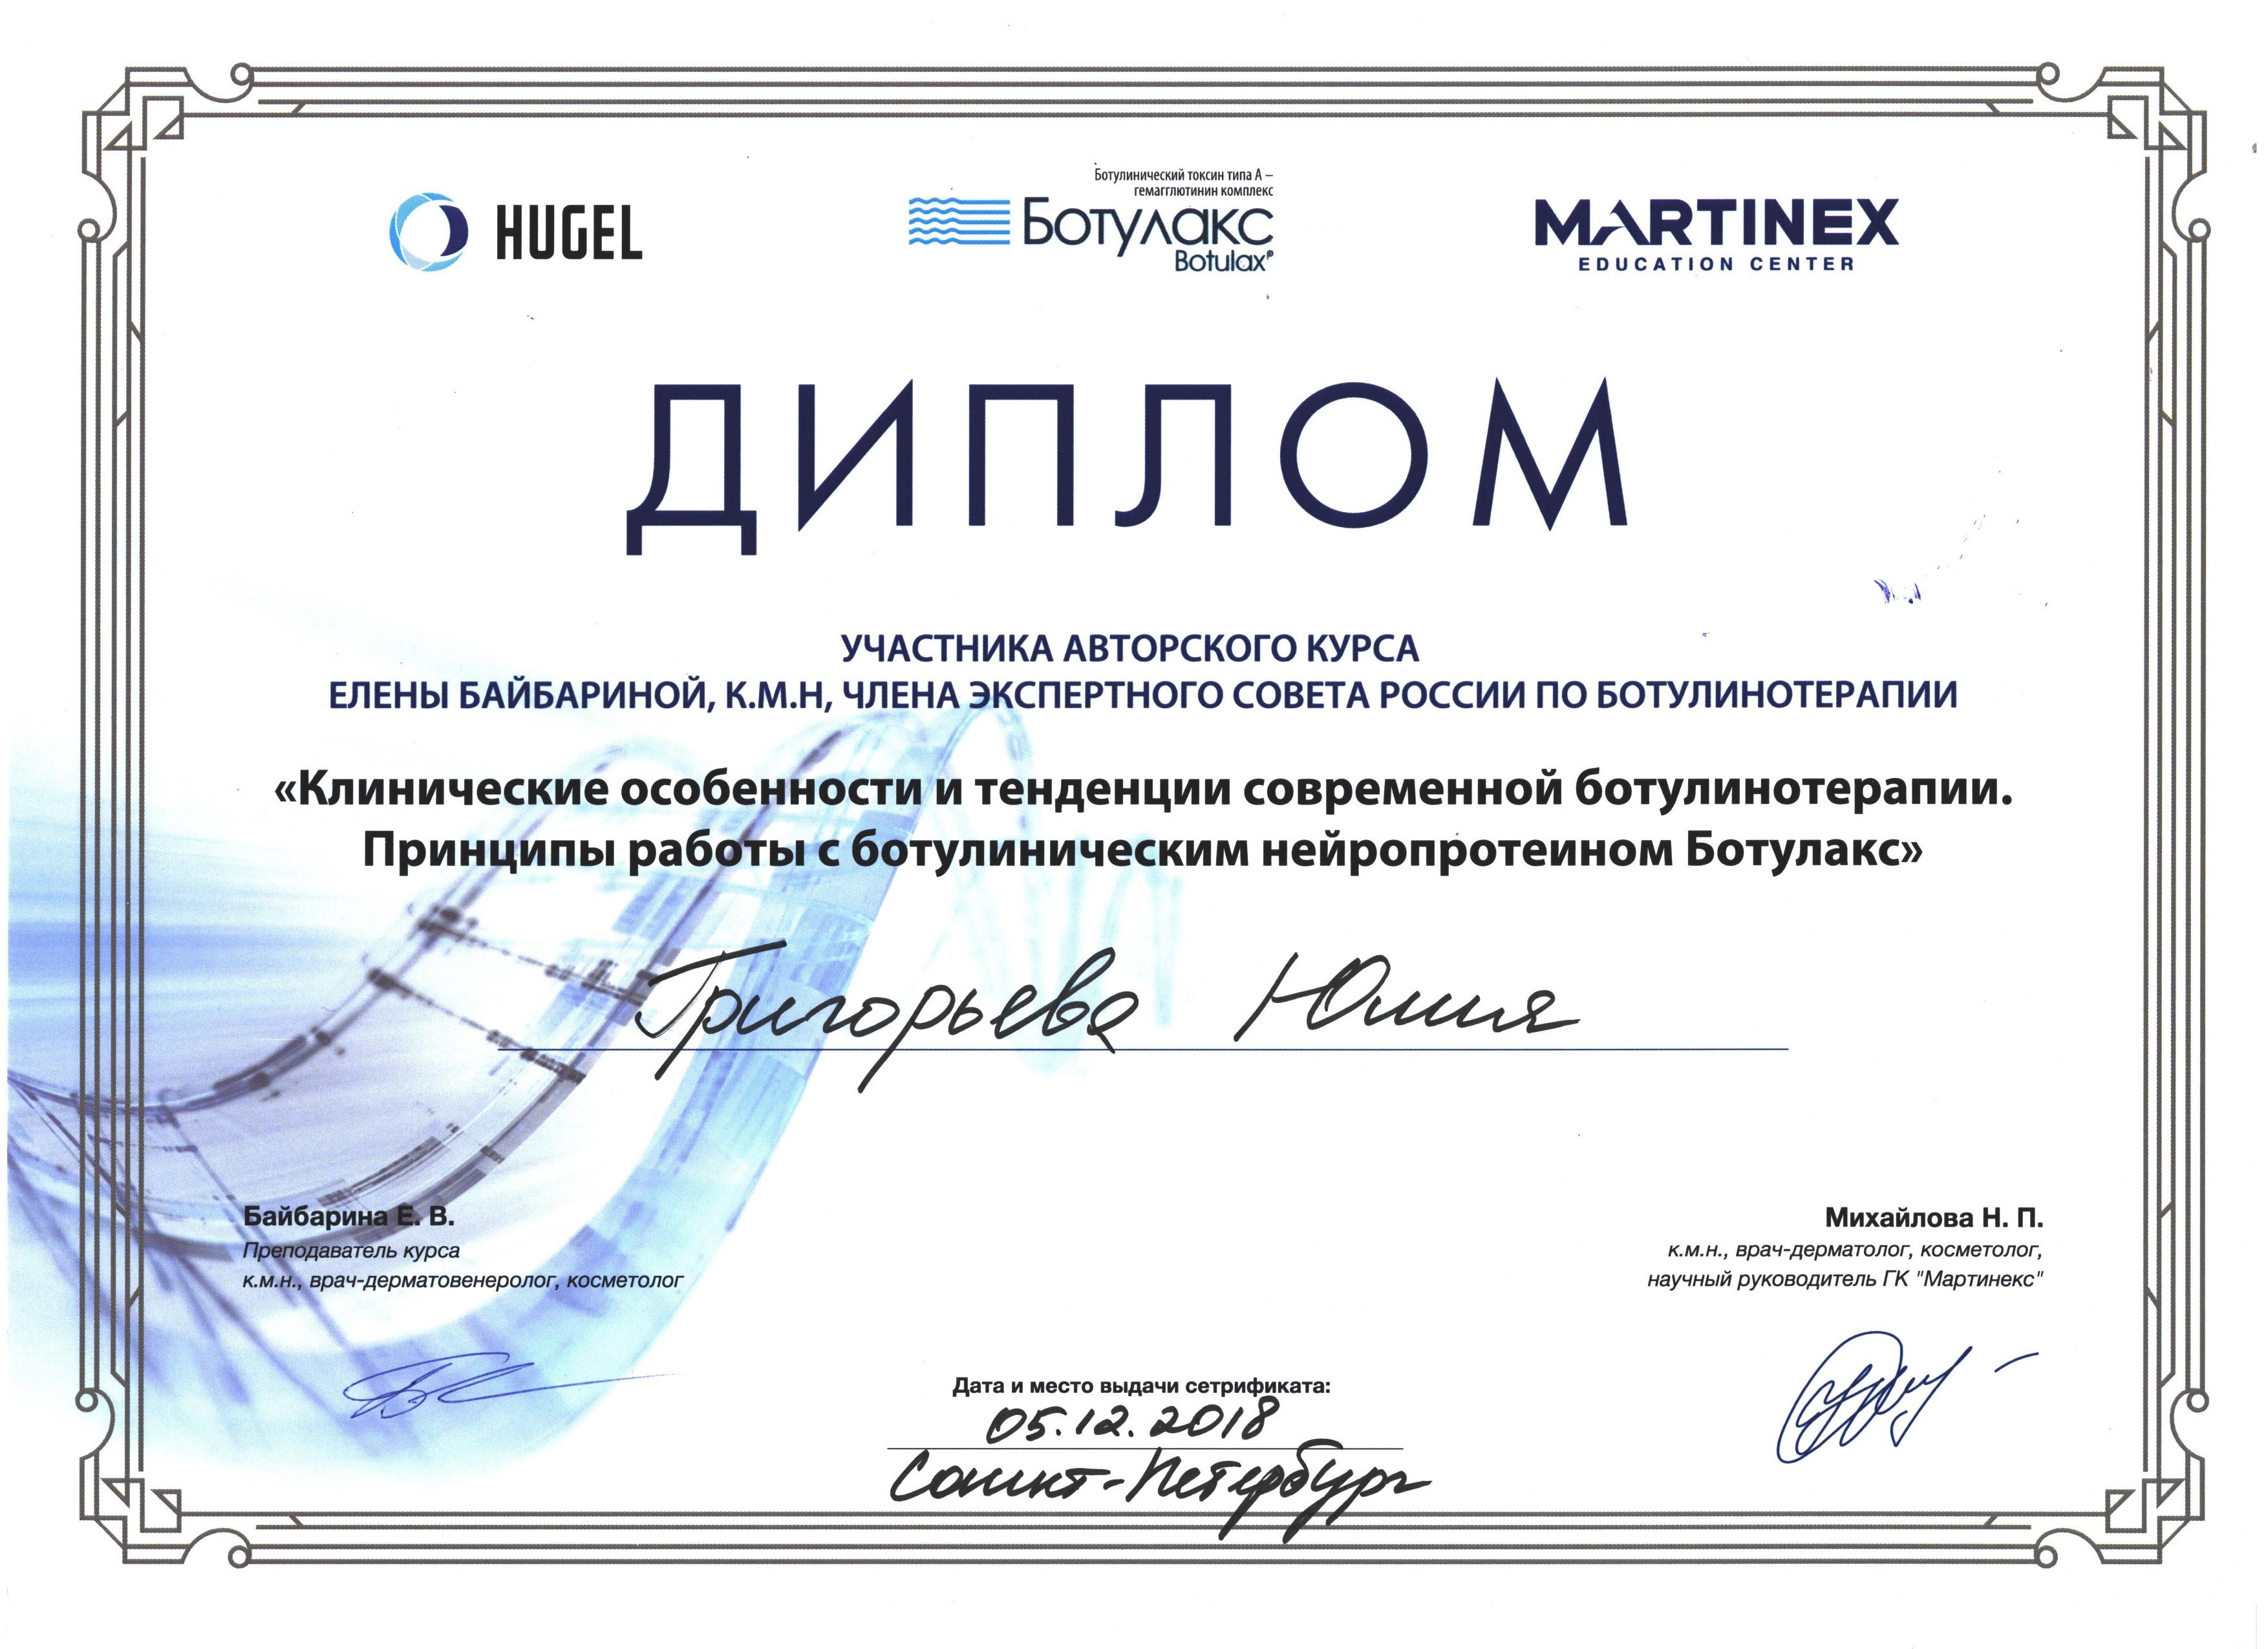 Сертификат — Ботулинотерапия. Григорьева Юлия Ростиславовна